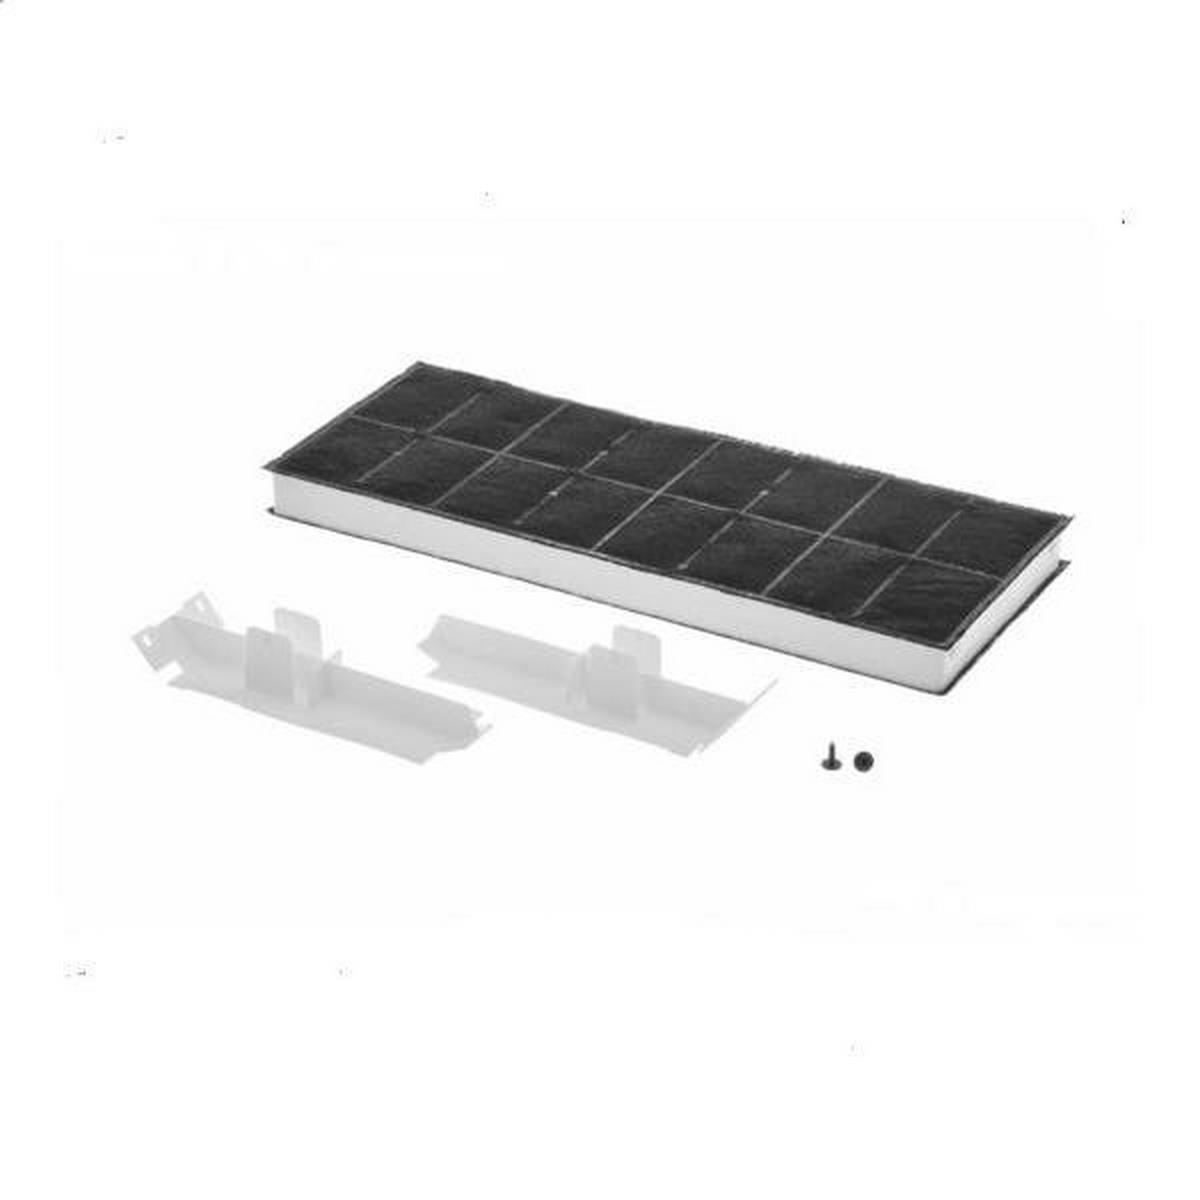 Filtro de carbón (por unidad) - Campana - Siemens Bosch - Constra ...